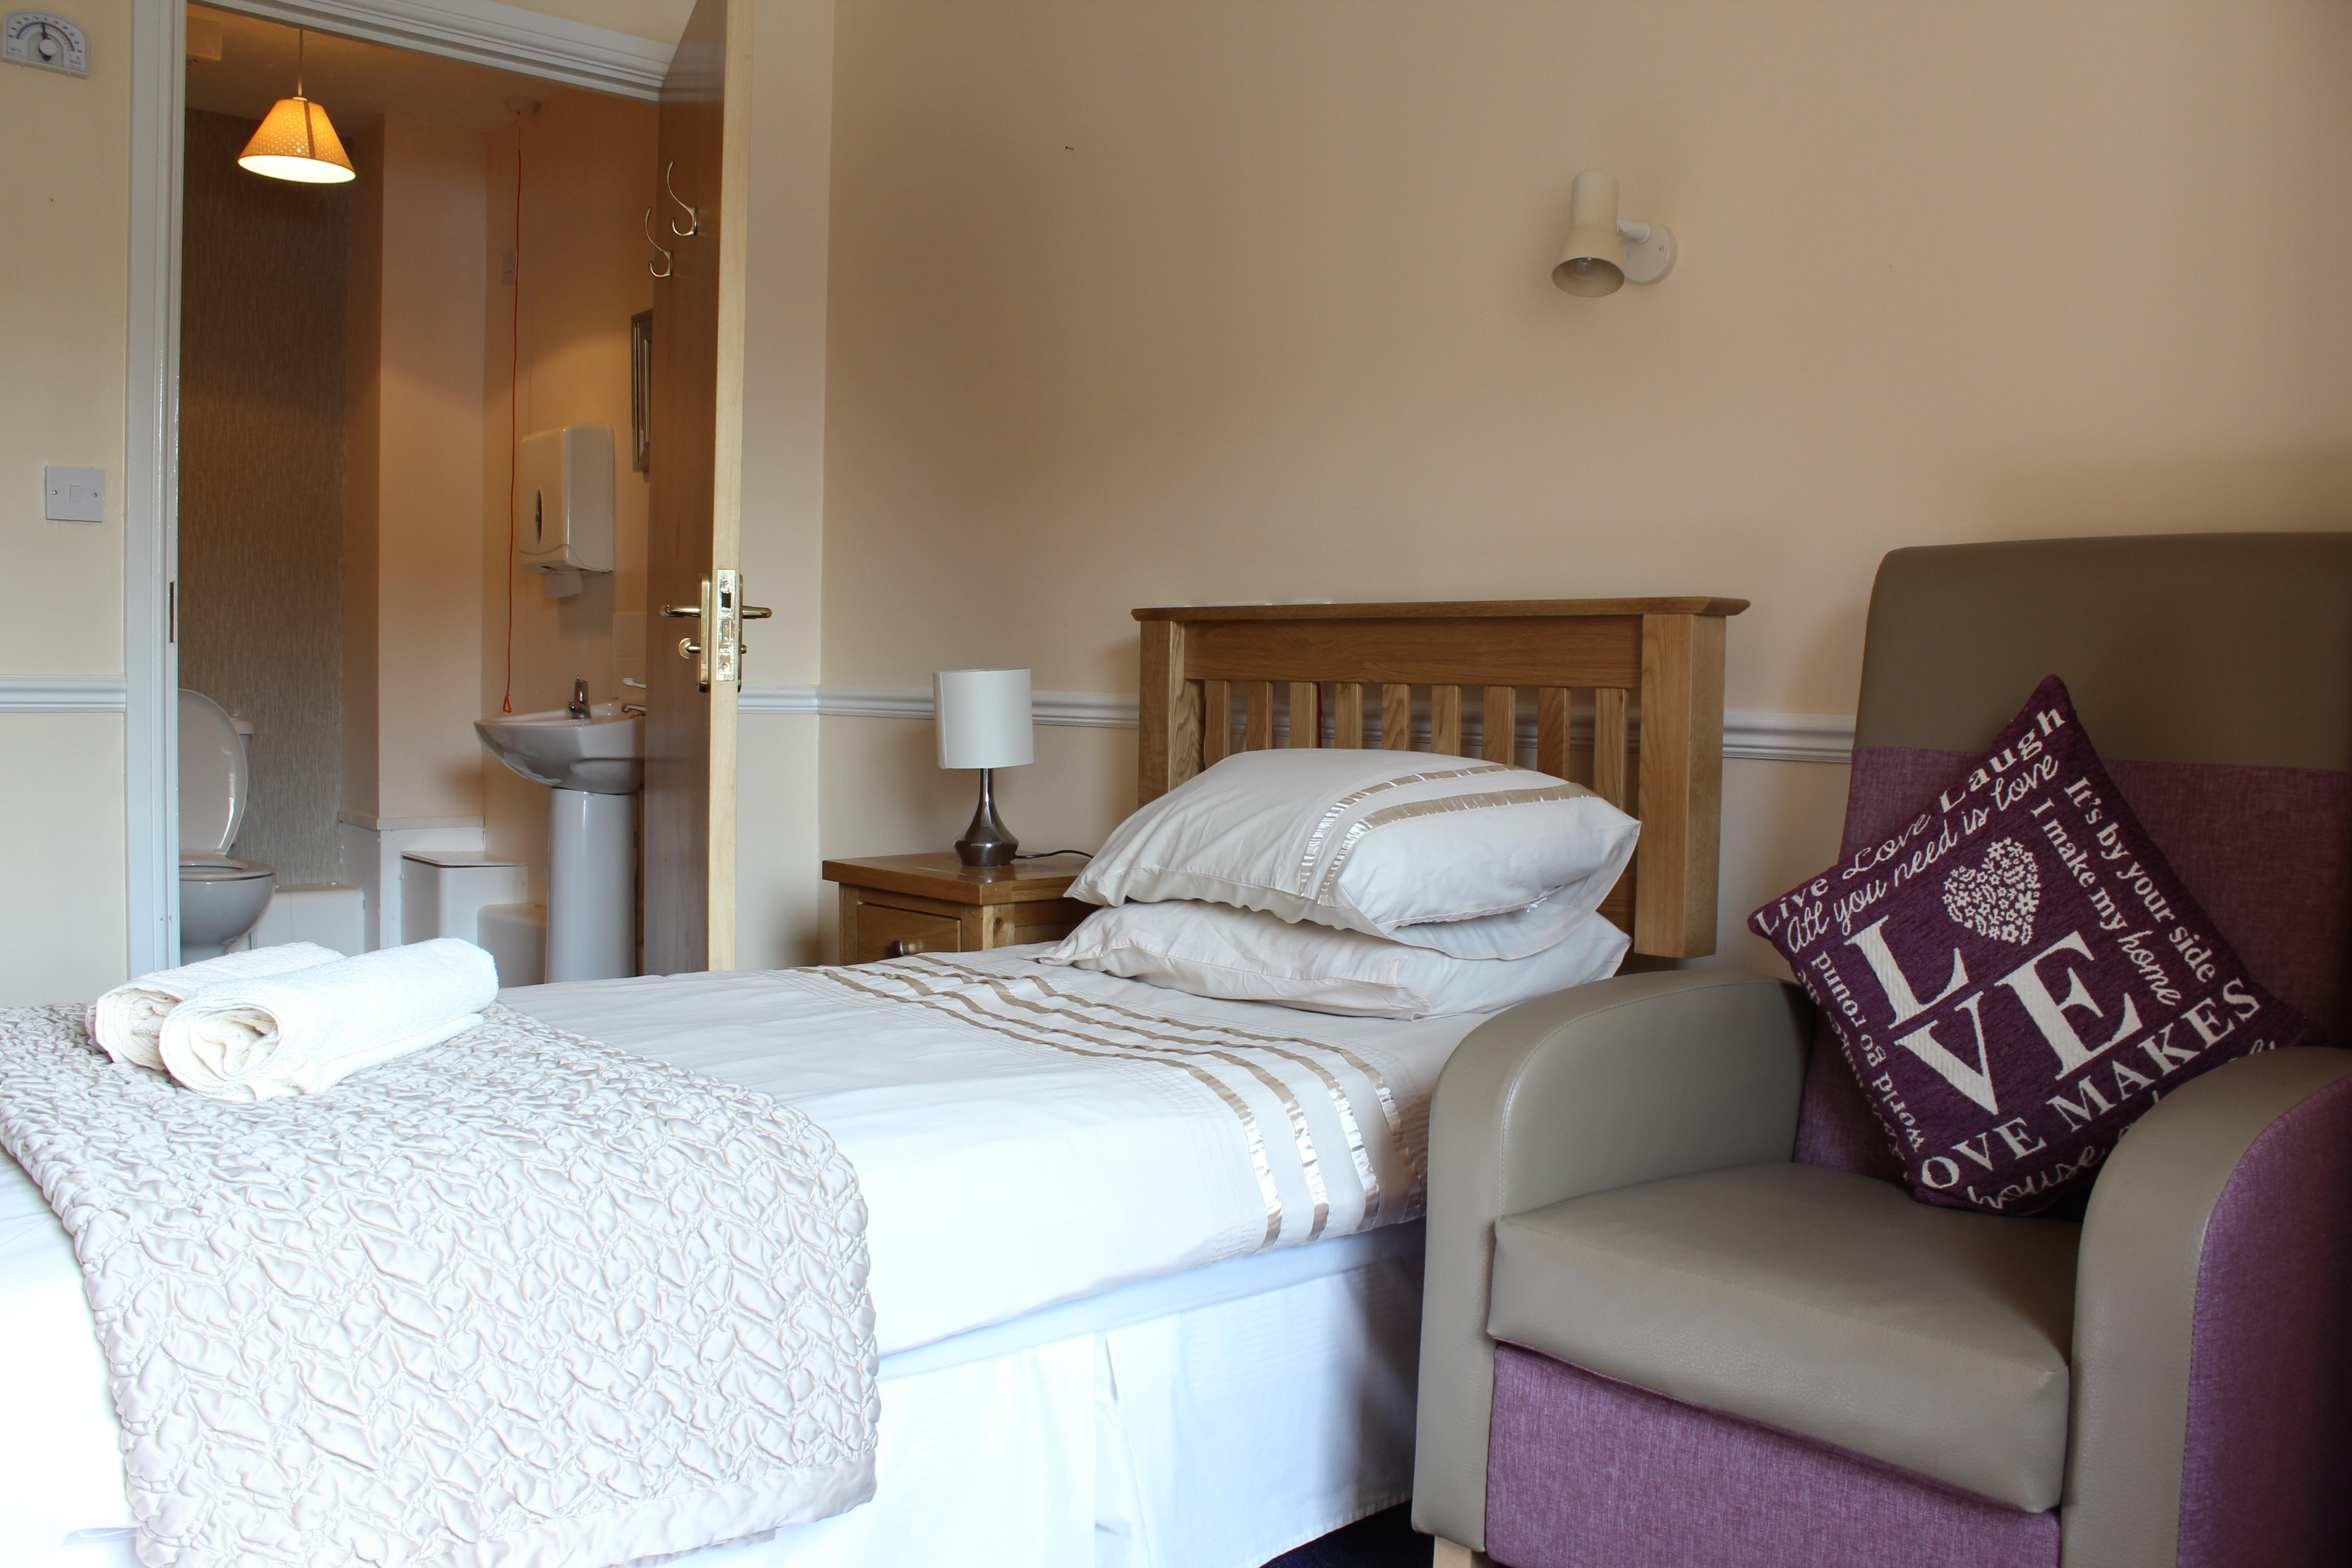 Earsdon Grange Care Home Residential Dementia Respite